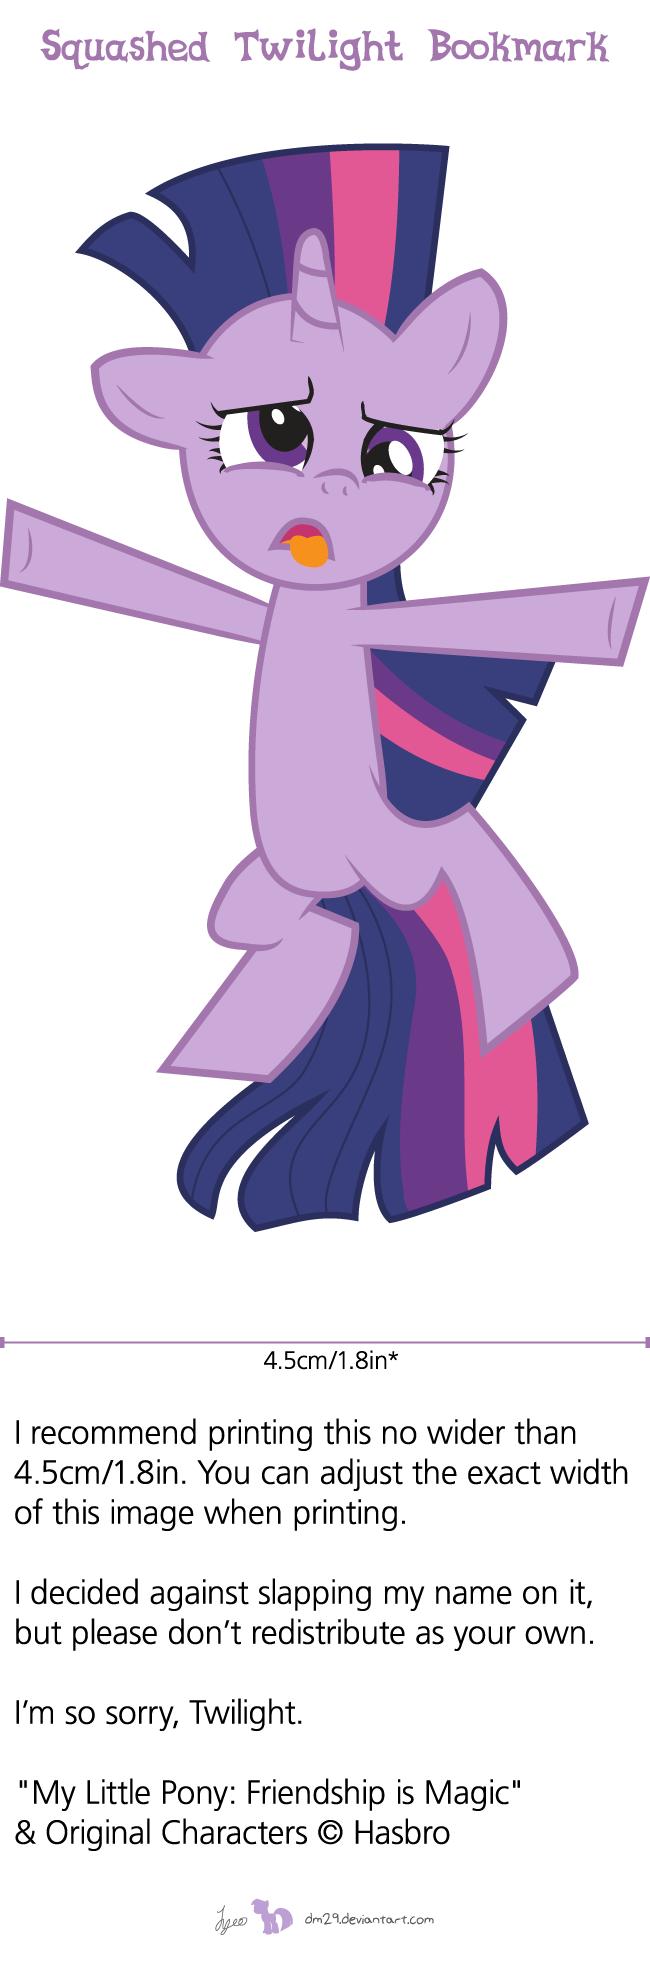 Squashed Twilight Bookmark